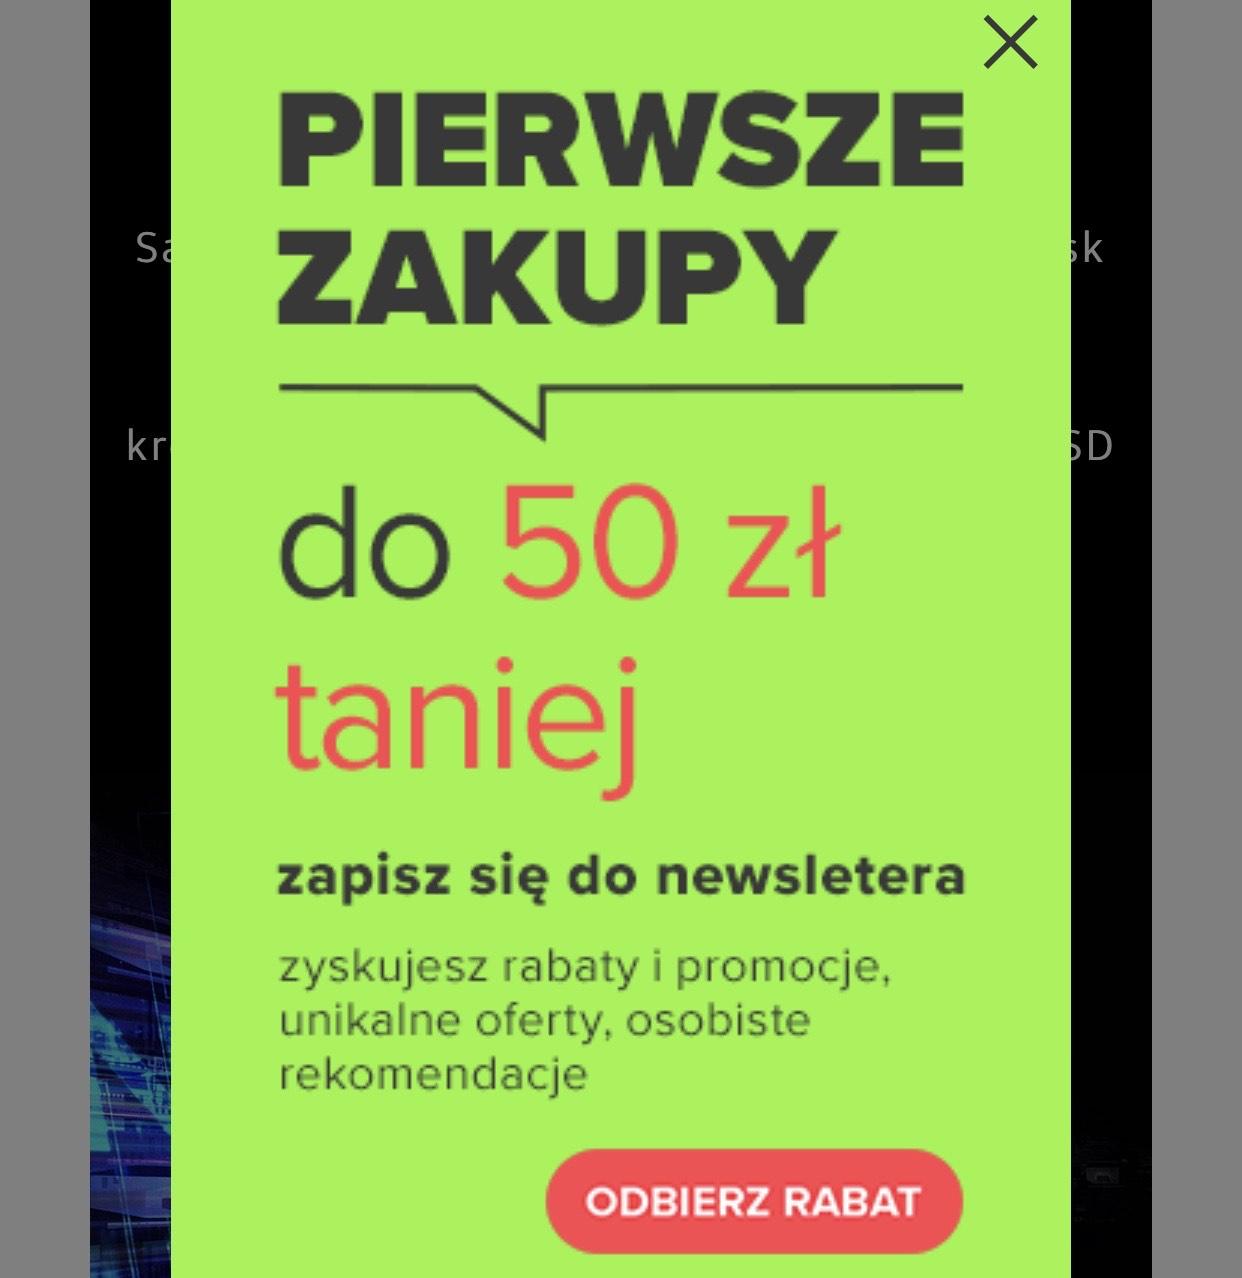 NEONET - pierwsze zakupy taniej 3% max 50 zł (MWZ 999 zł)